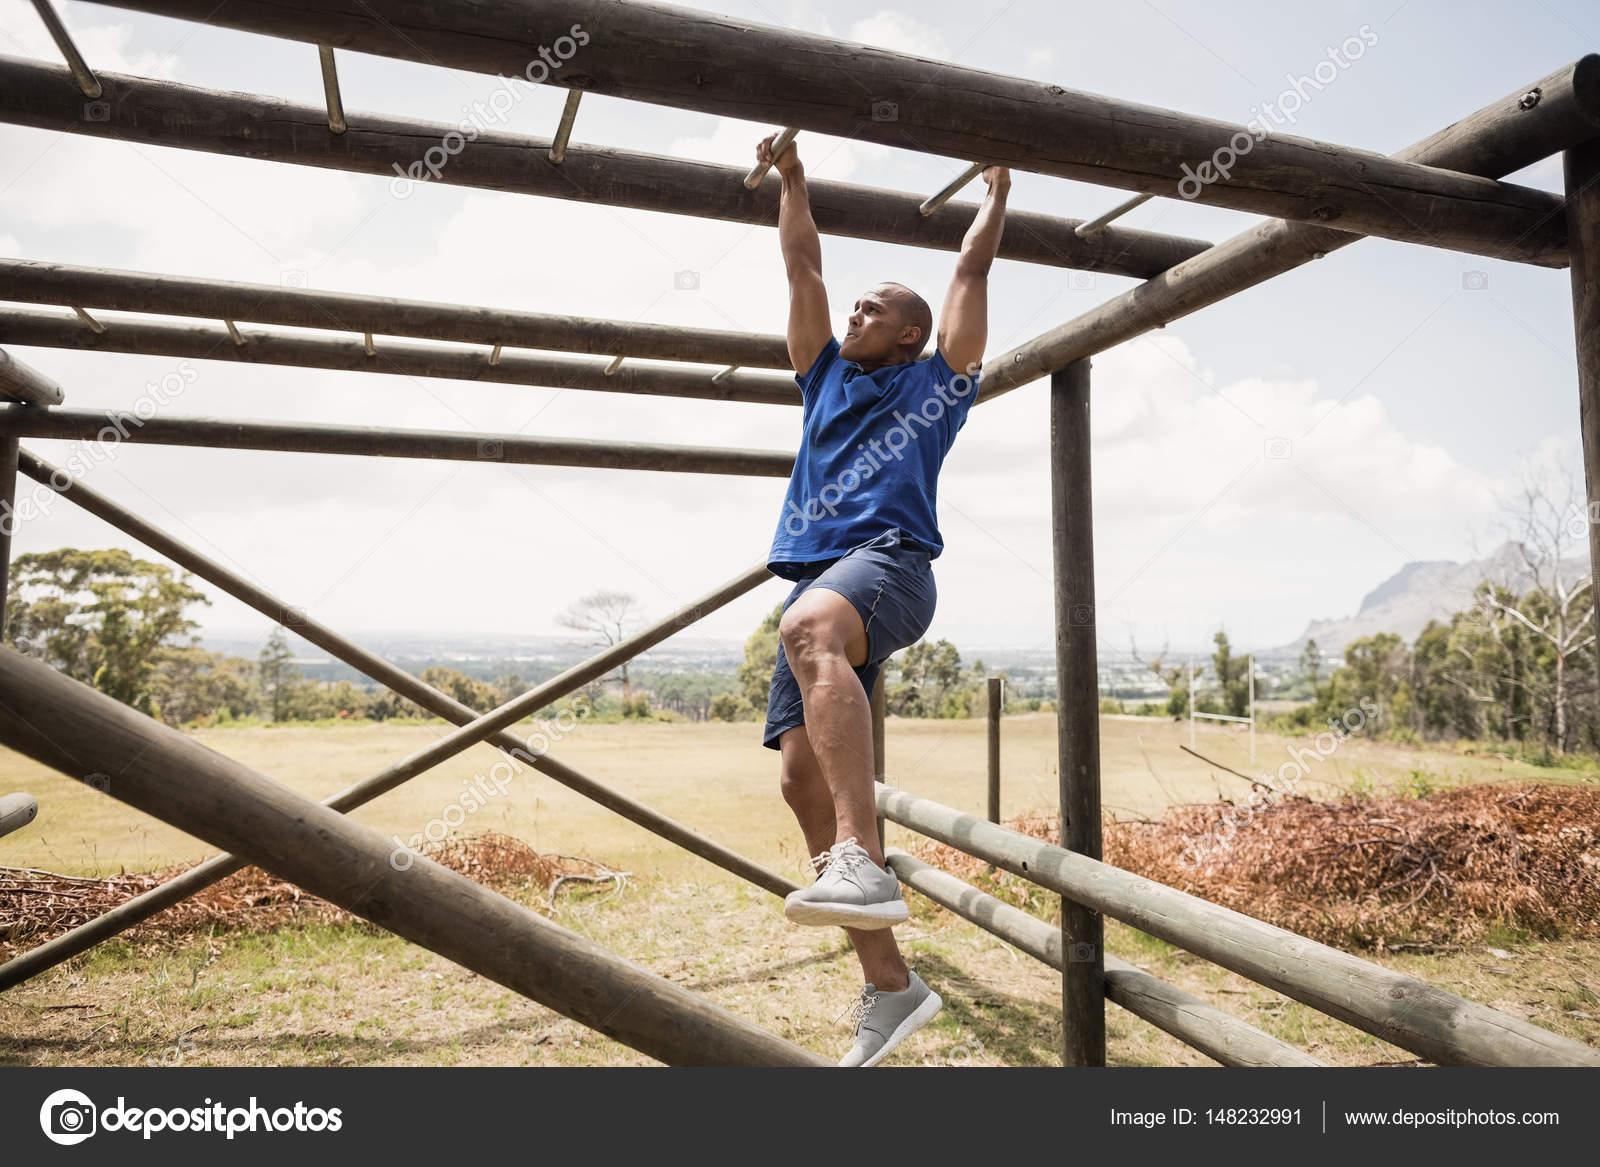 Klettergerüst Aus Reifen : Fit mann klettern klettergerüst u stockfoto wavebreakmedia